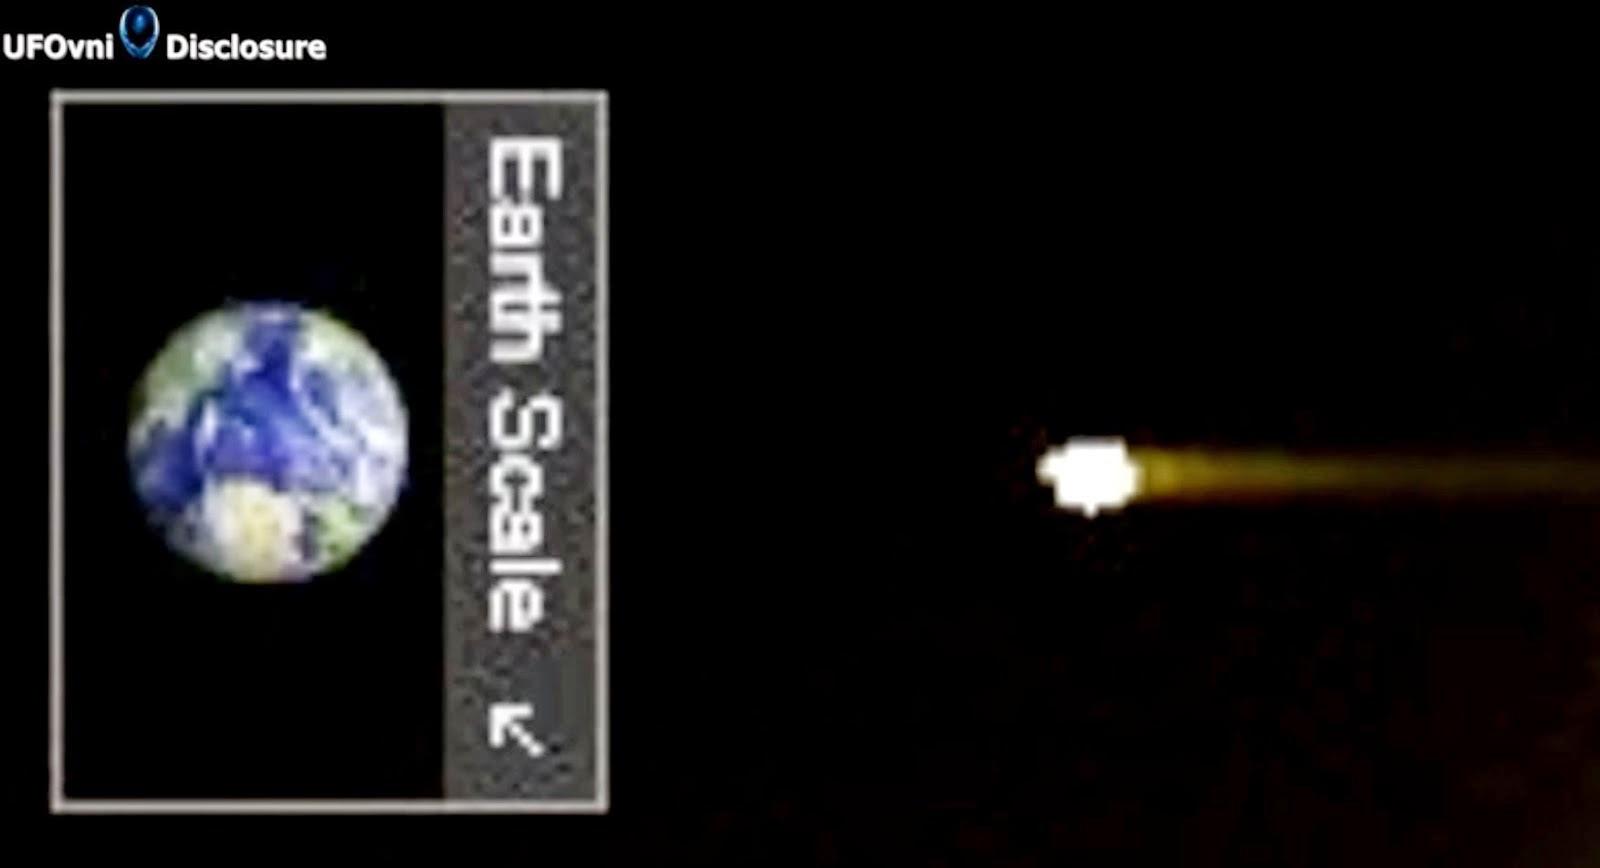 Lune taille OVNI, à proximité de notre soleil pendant éruption solaire, le 28 octobre 2014